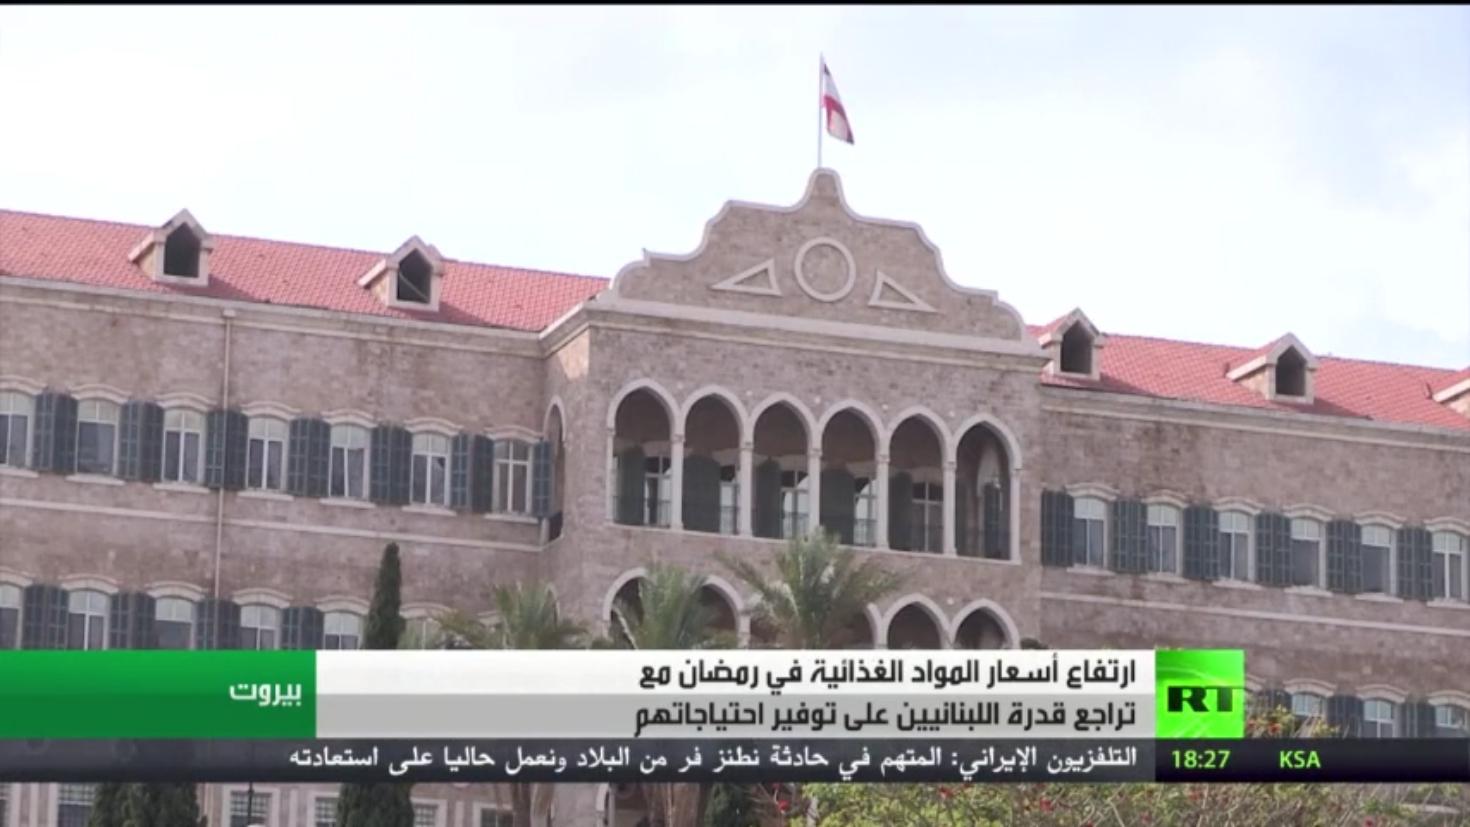 لبنان.. تفاقم الأزمات المعيشية في رمضان